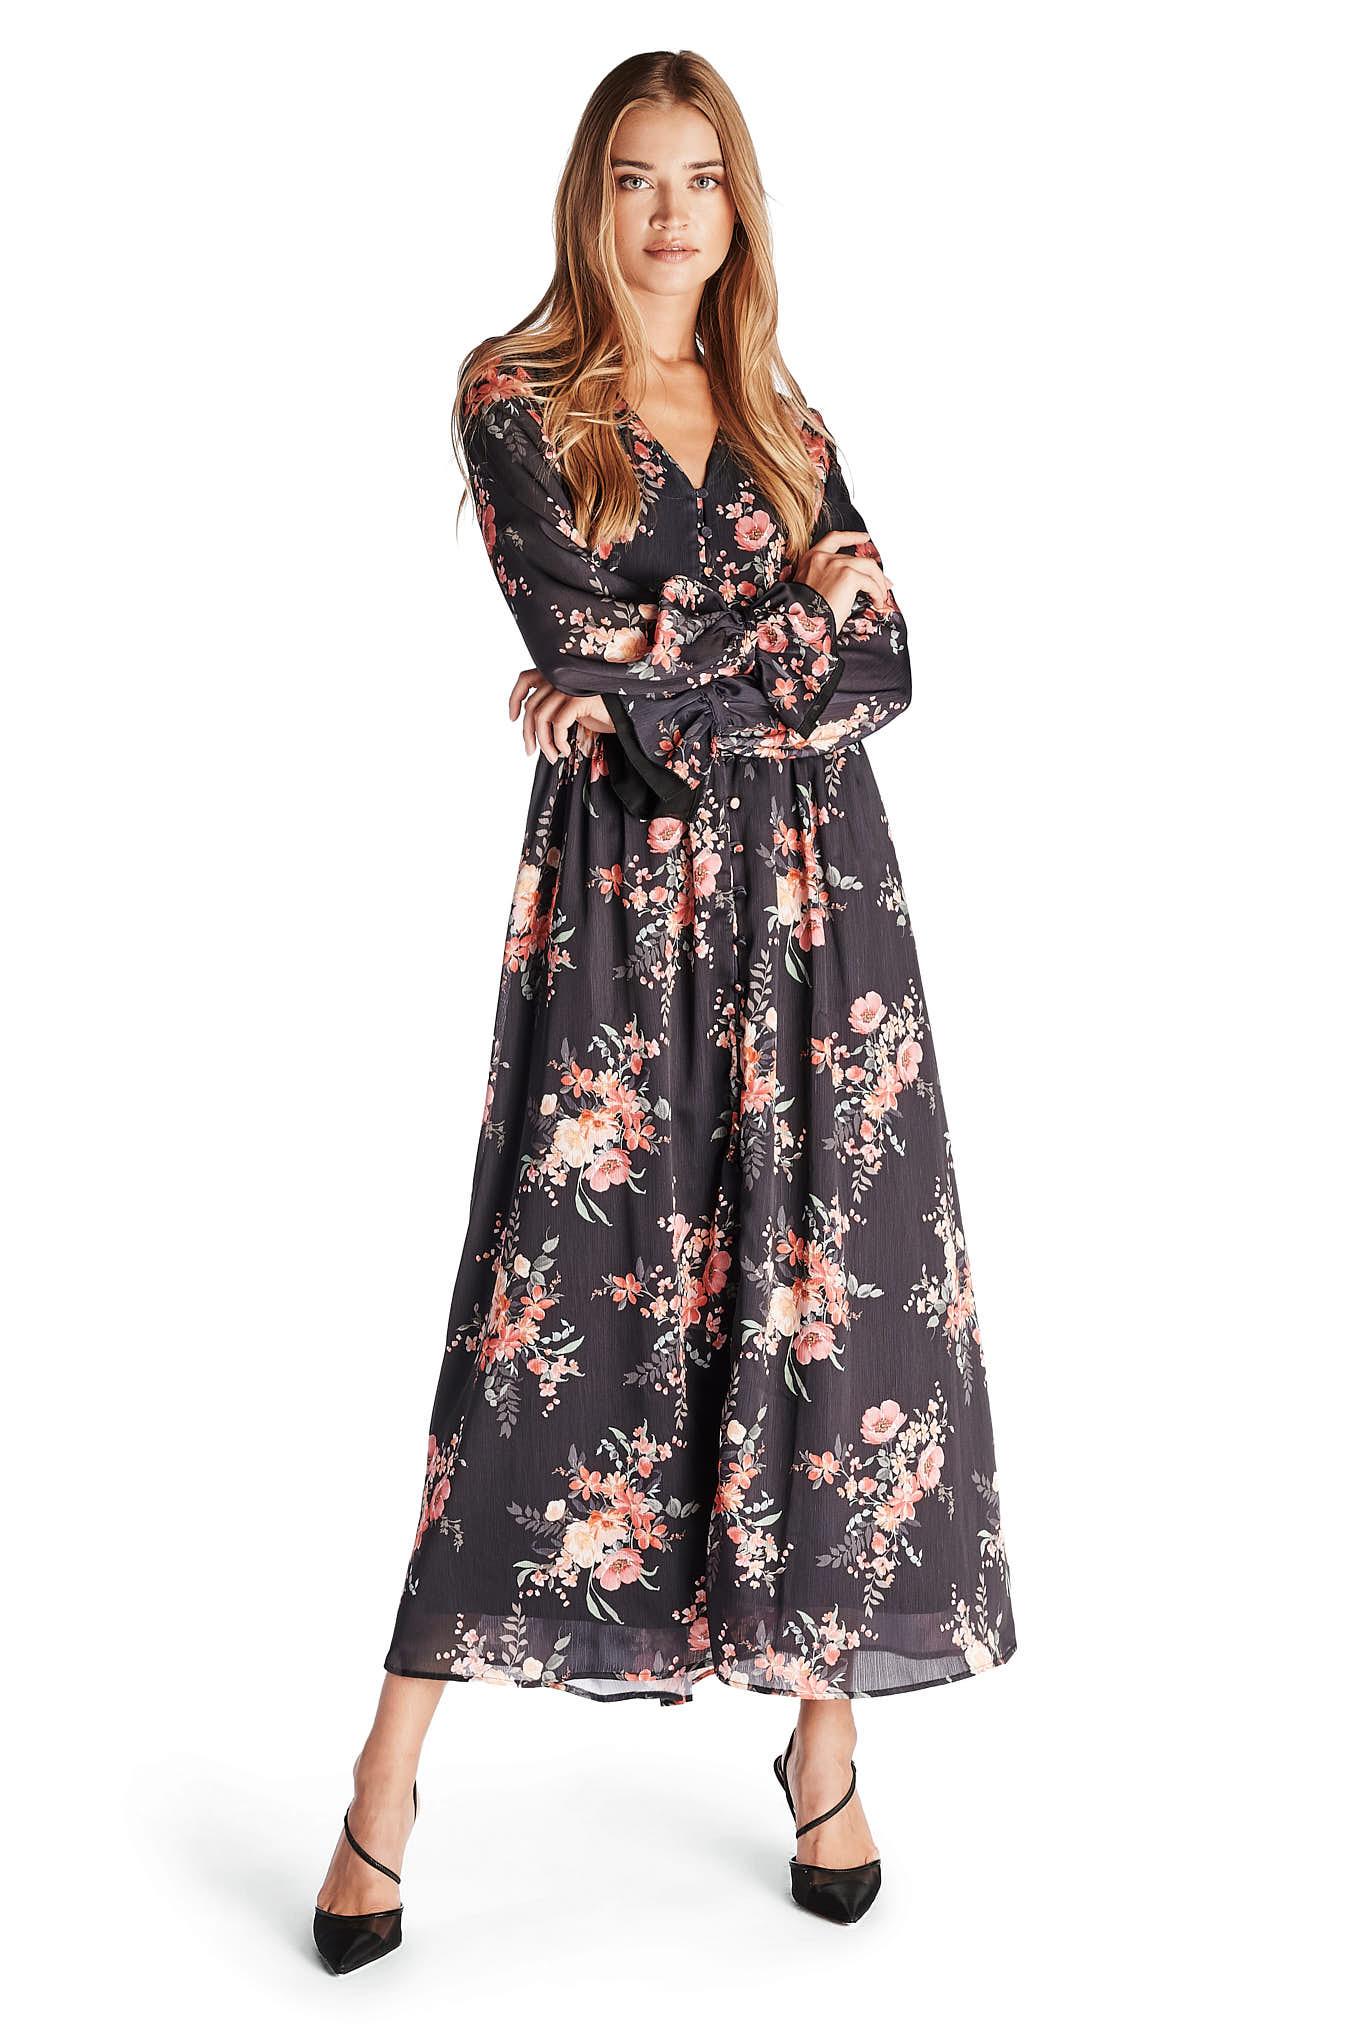 Vestido Estampado Fantasy Mulher